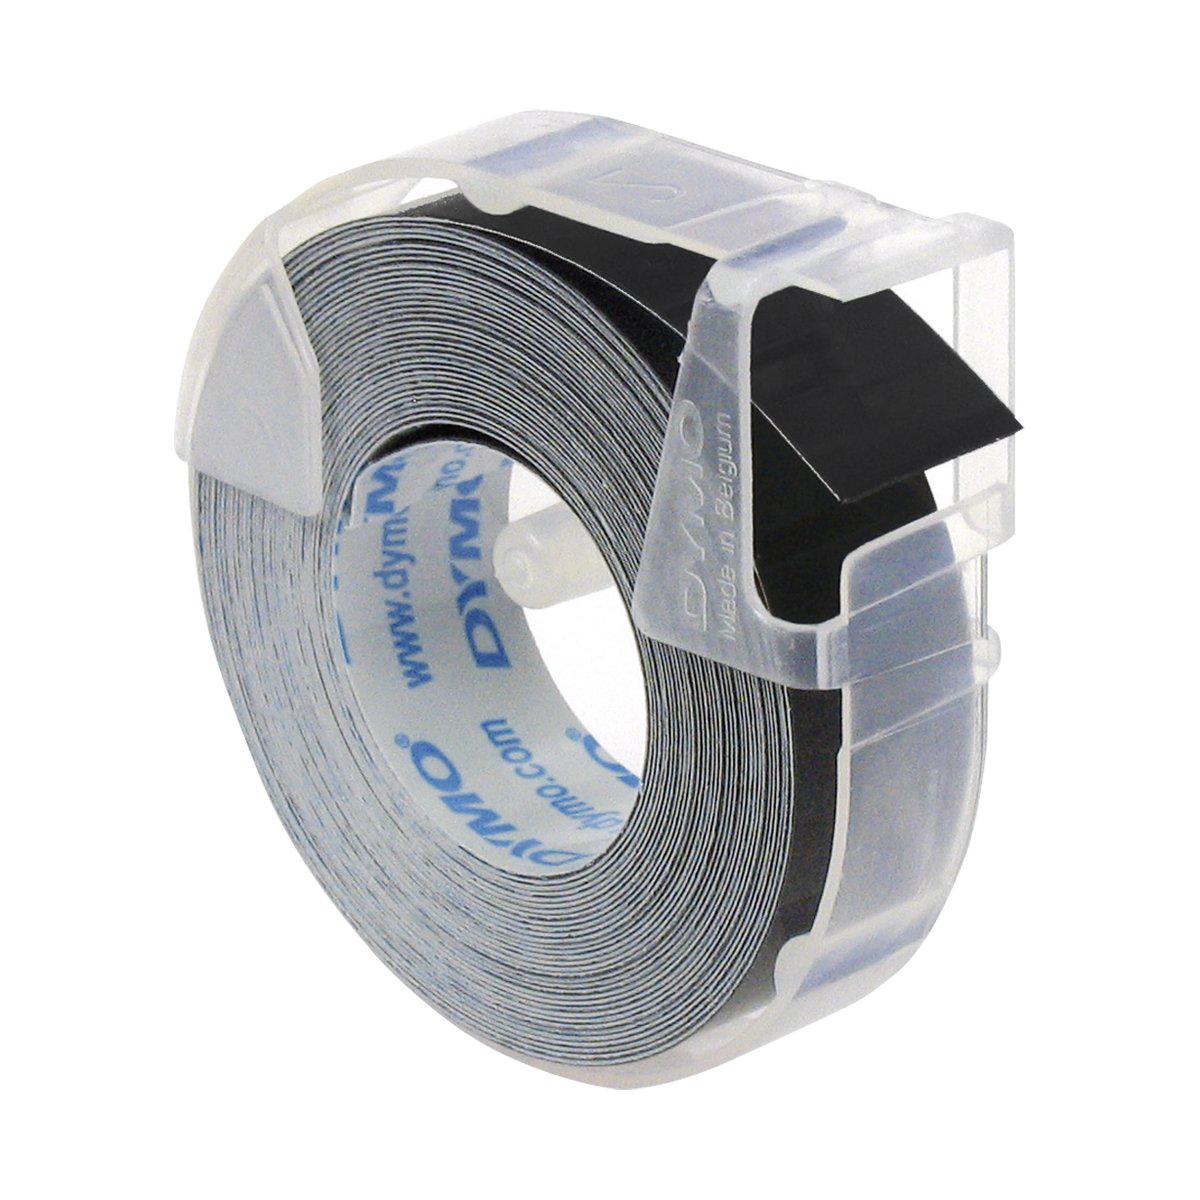 Dymo S0898130 White on Black Embossing Tape